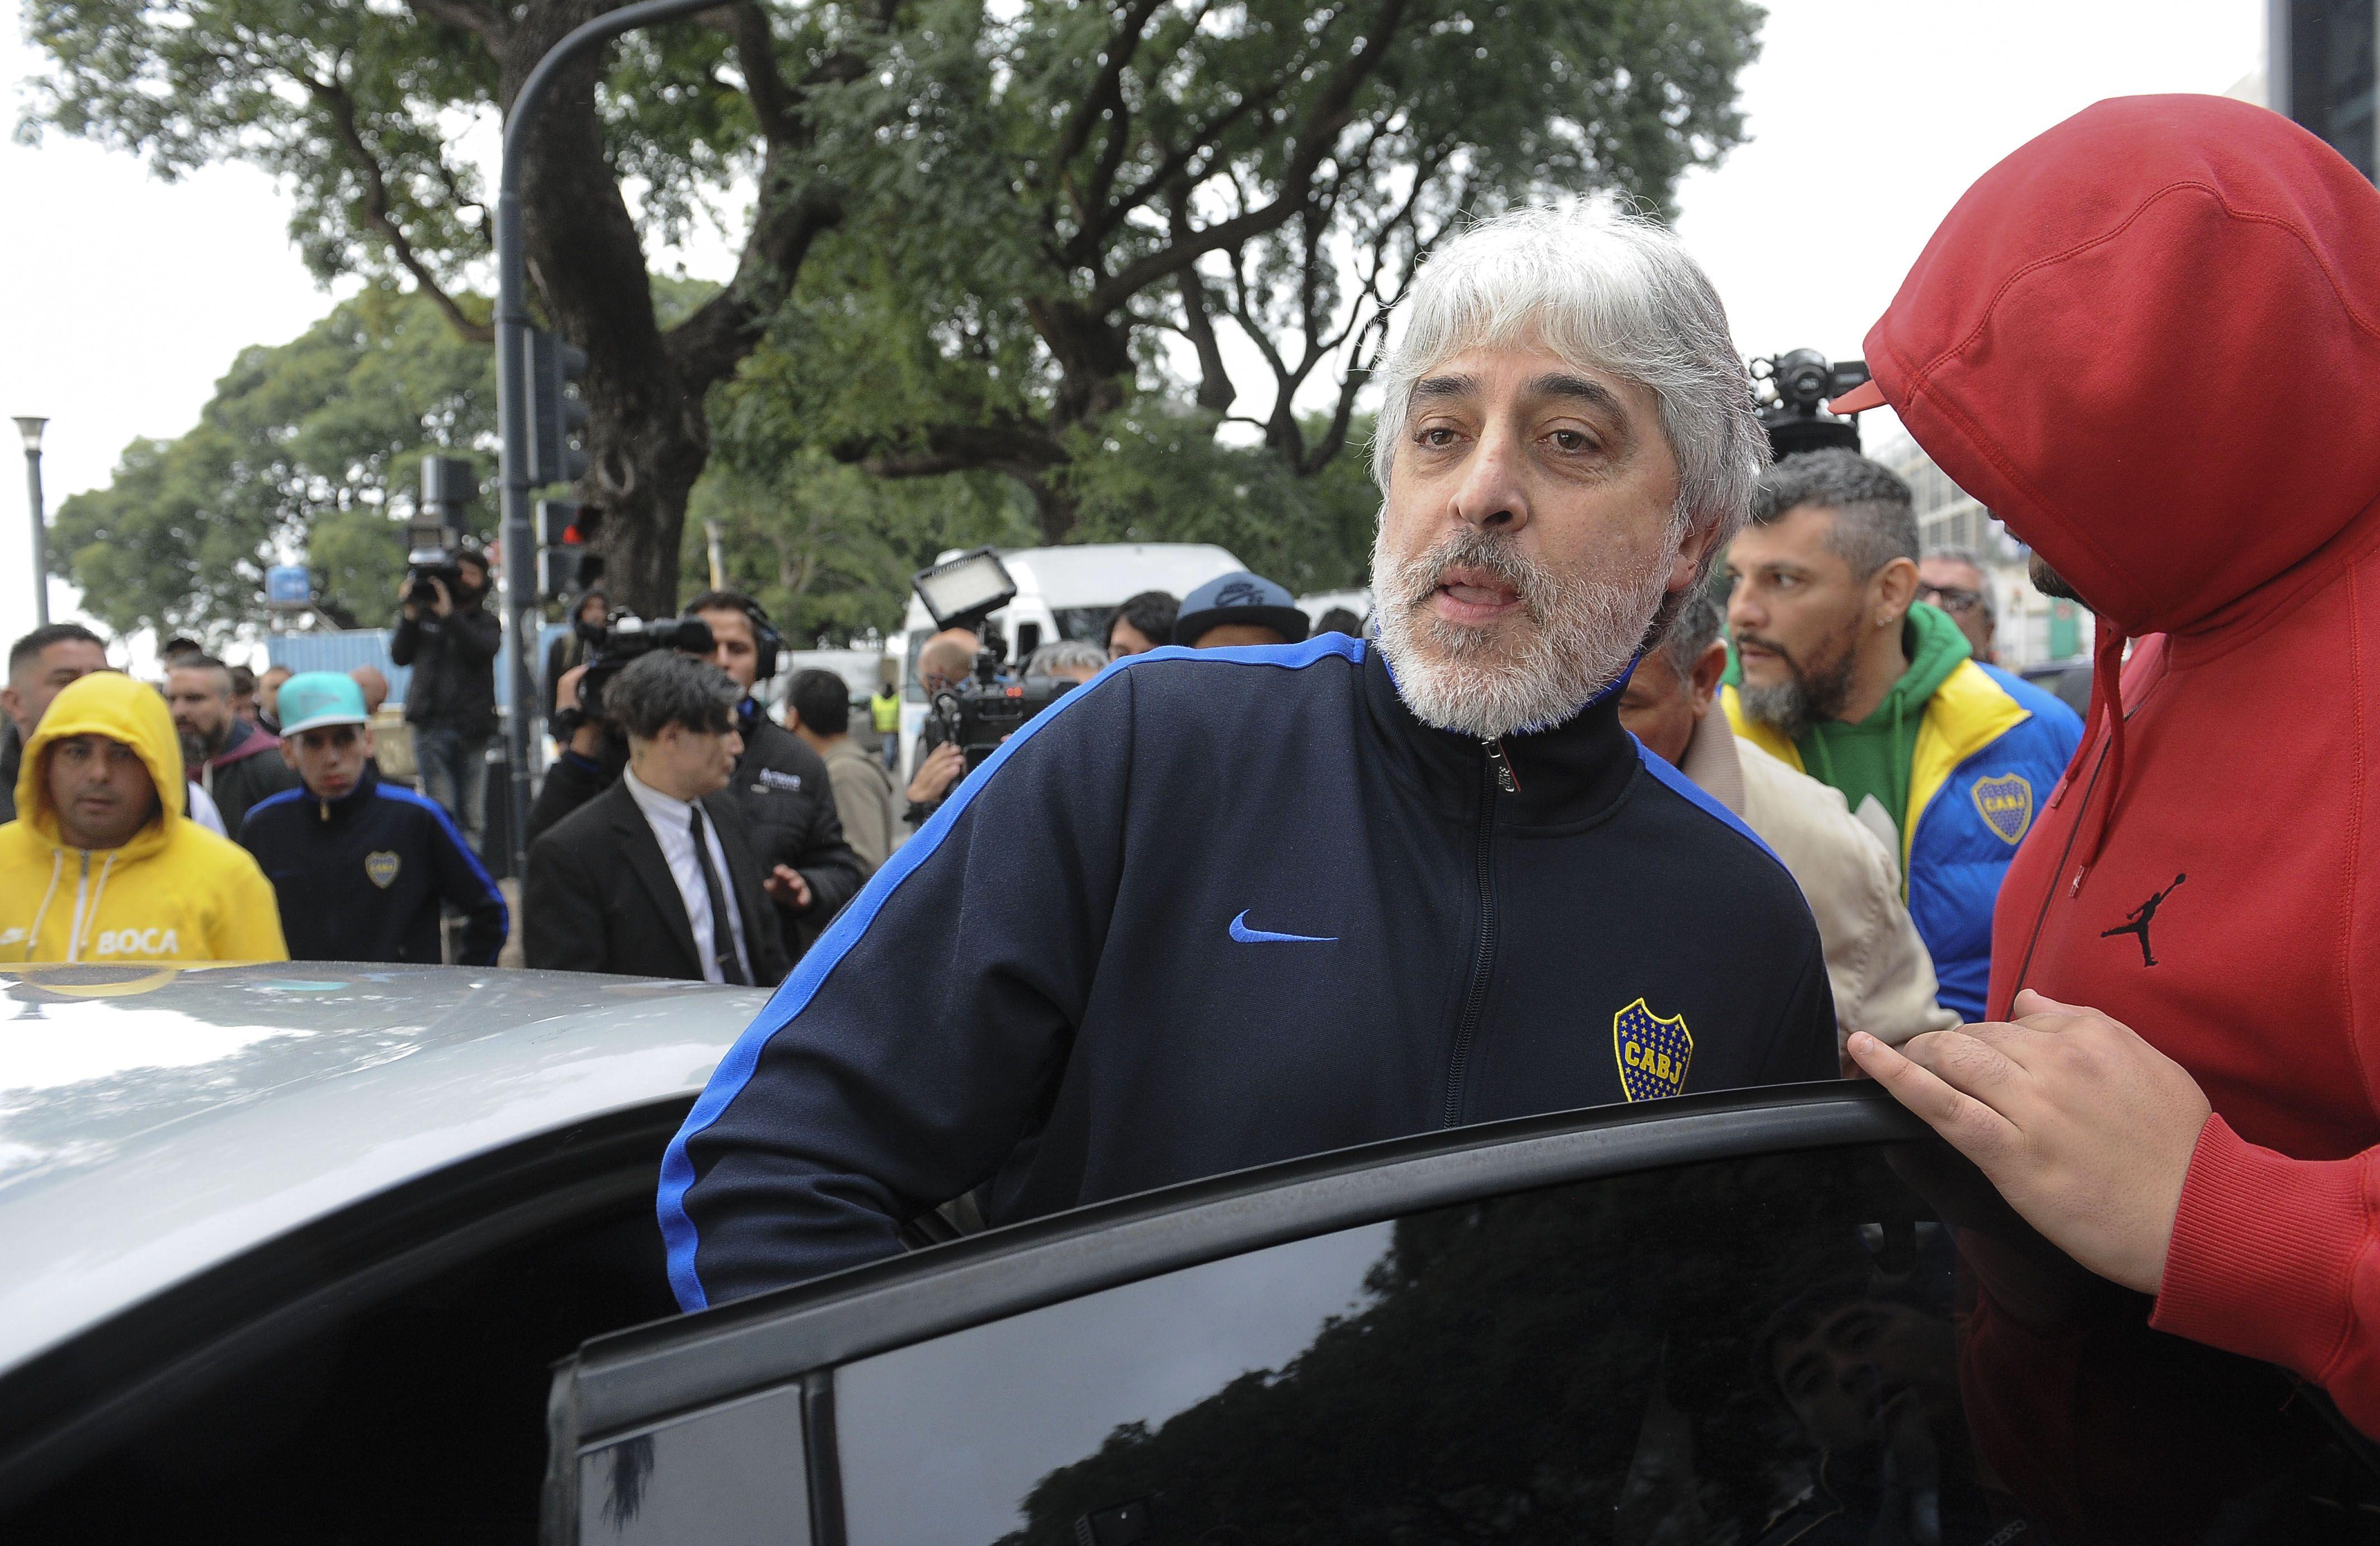 Di Zeo regresó al país con la 12 y acusó una emboscada de la policía de Paraguay